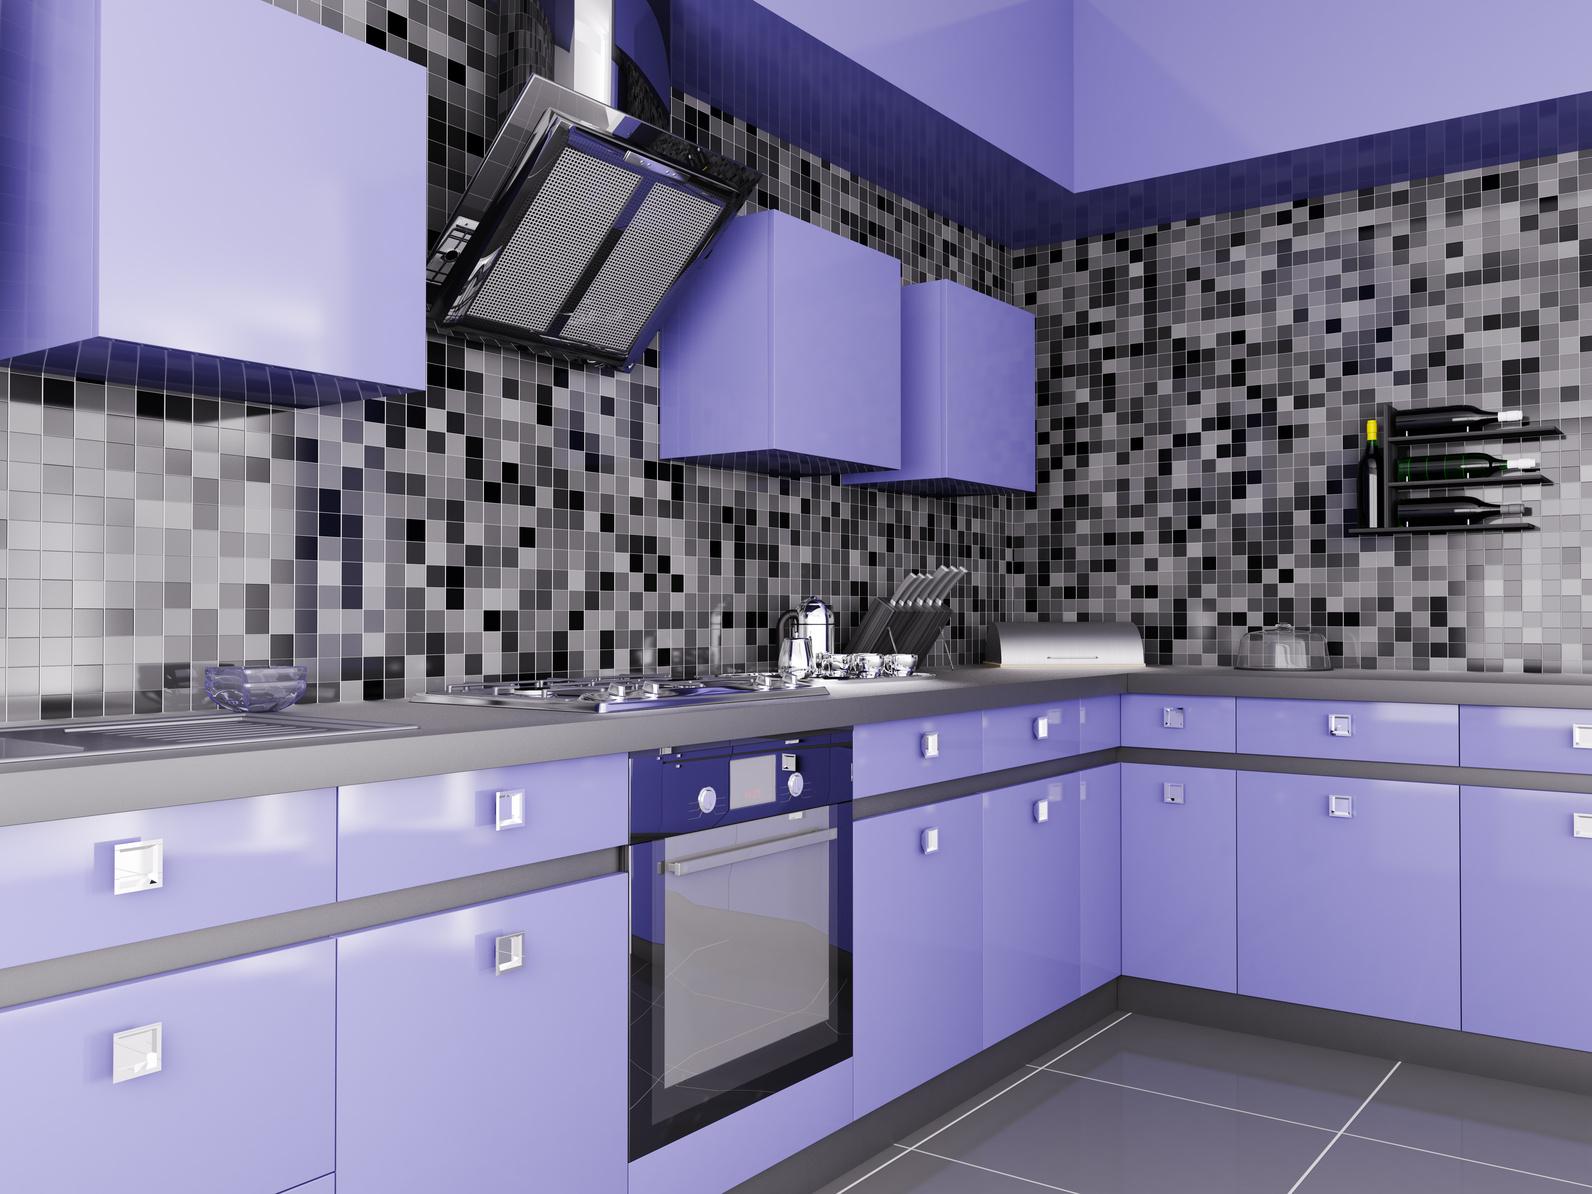 Tolle Farbige Küchen Galerie - Ideen Für Die Küche Dekoration ...